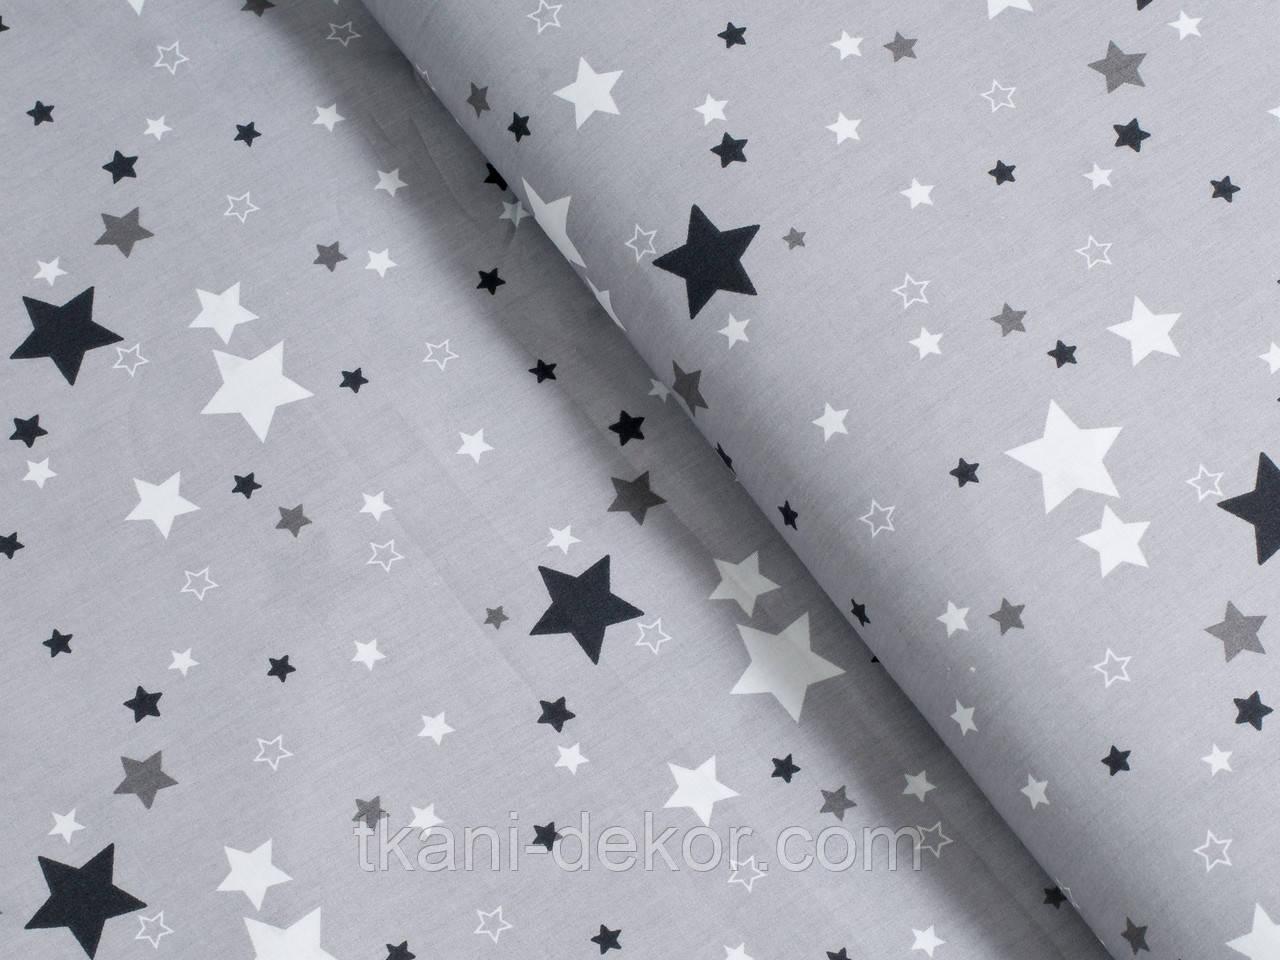 Сатин (хлопковая ткань) звезды разные на сером